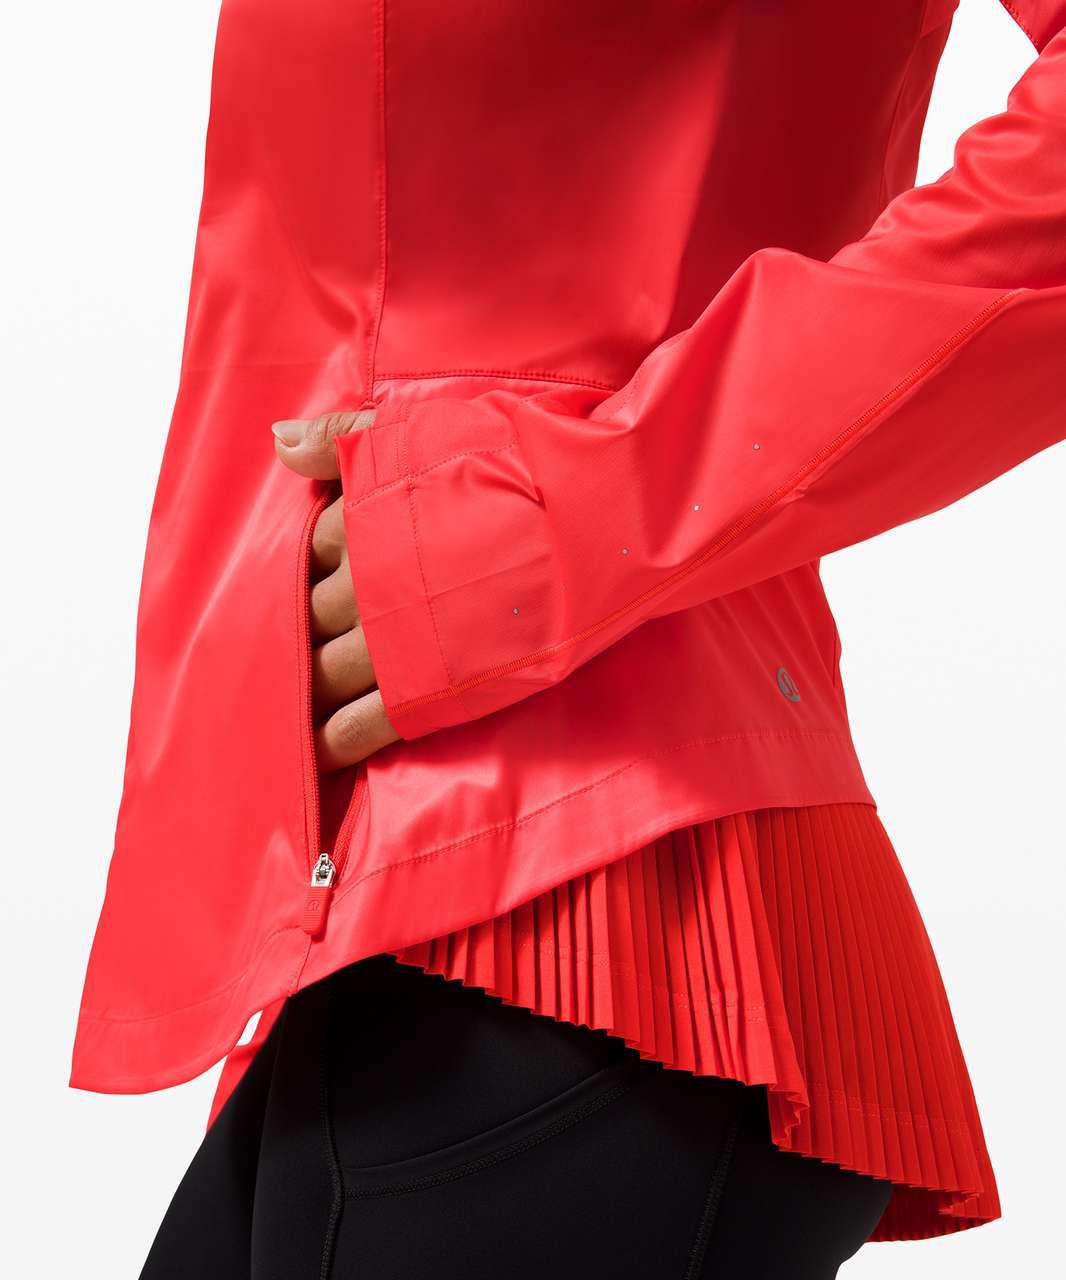 Lululemon Goal Smasher Jacket - Pink Punch